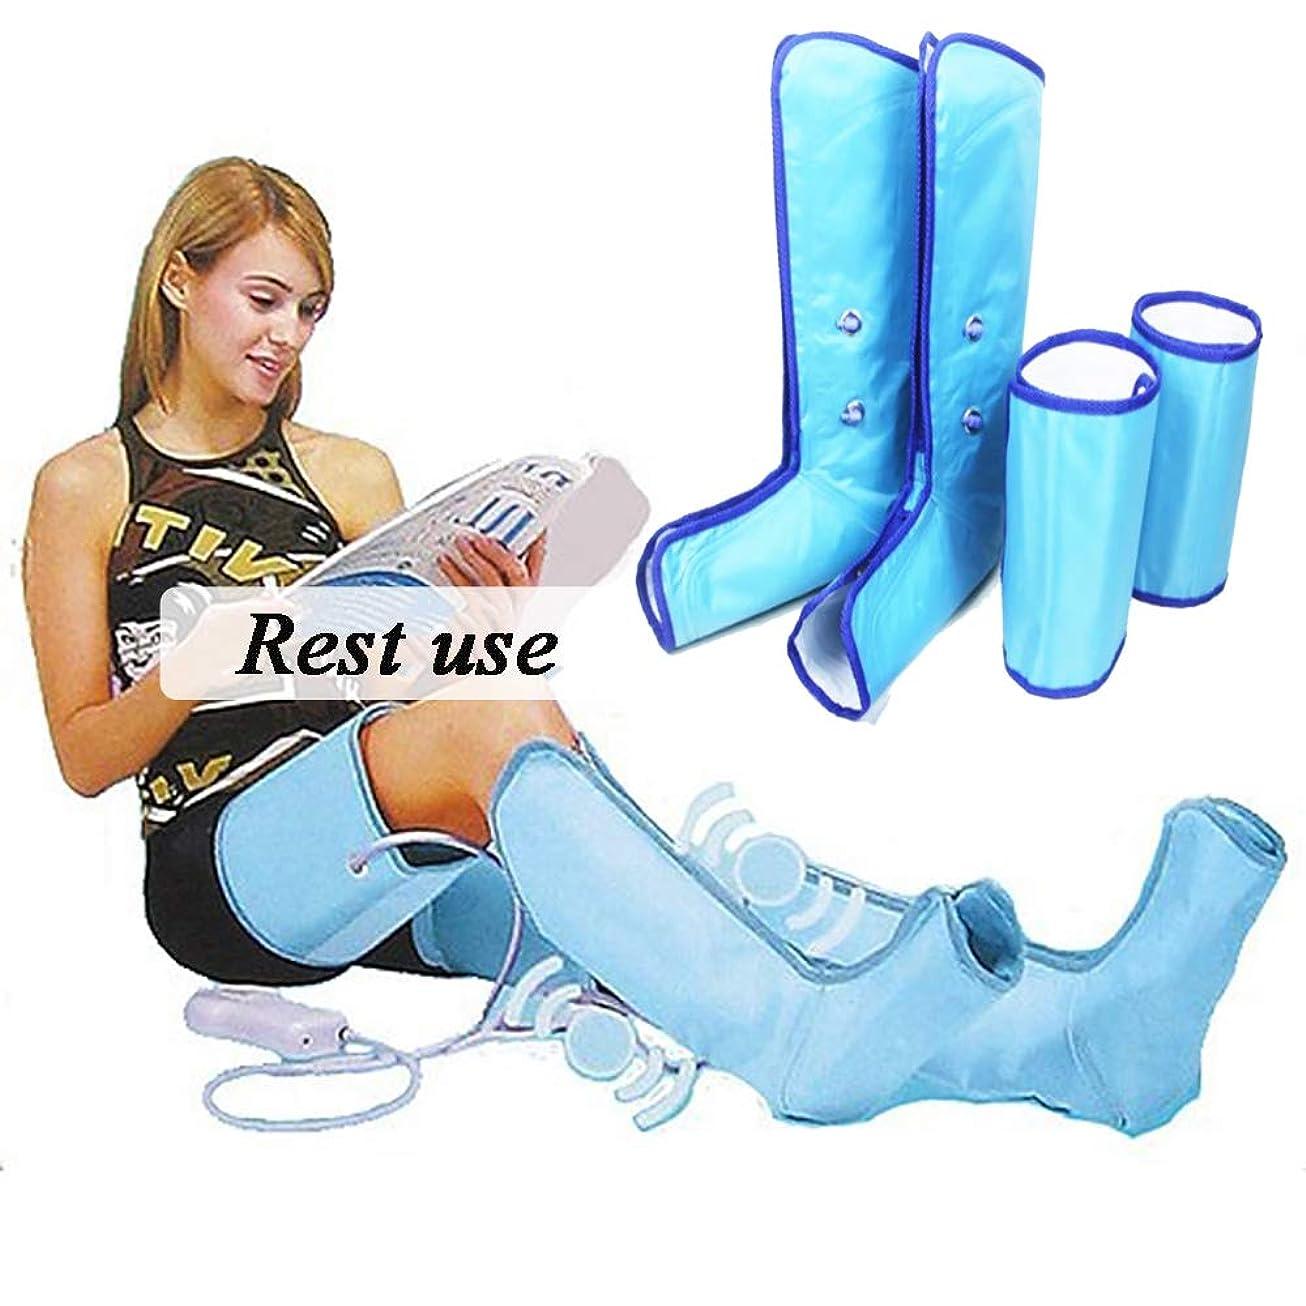 説明勇者不健康足のマッサージトマッサージャー循環と筋肉のリラクゼーションに役立つ足とふくらはぎの空気圧縮マッサージを備えたレッグマッサージャー